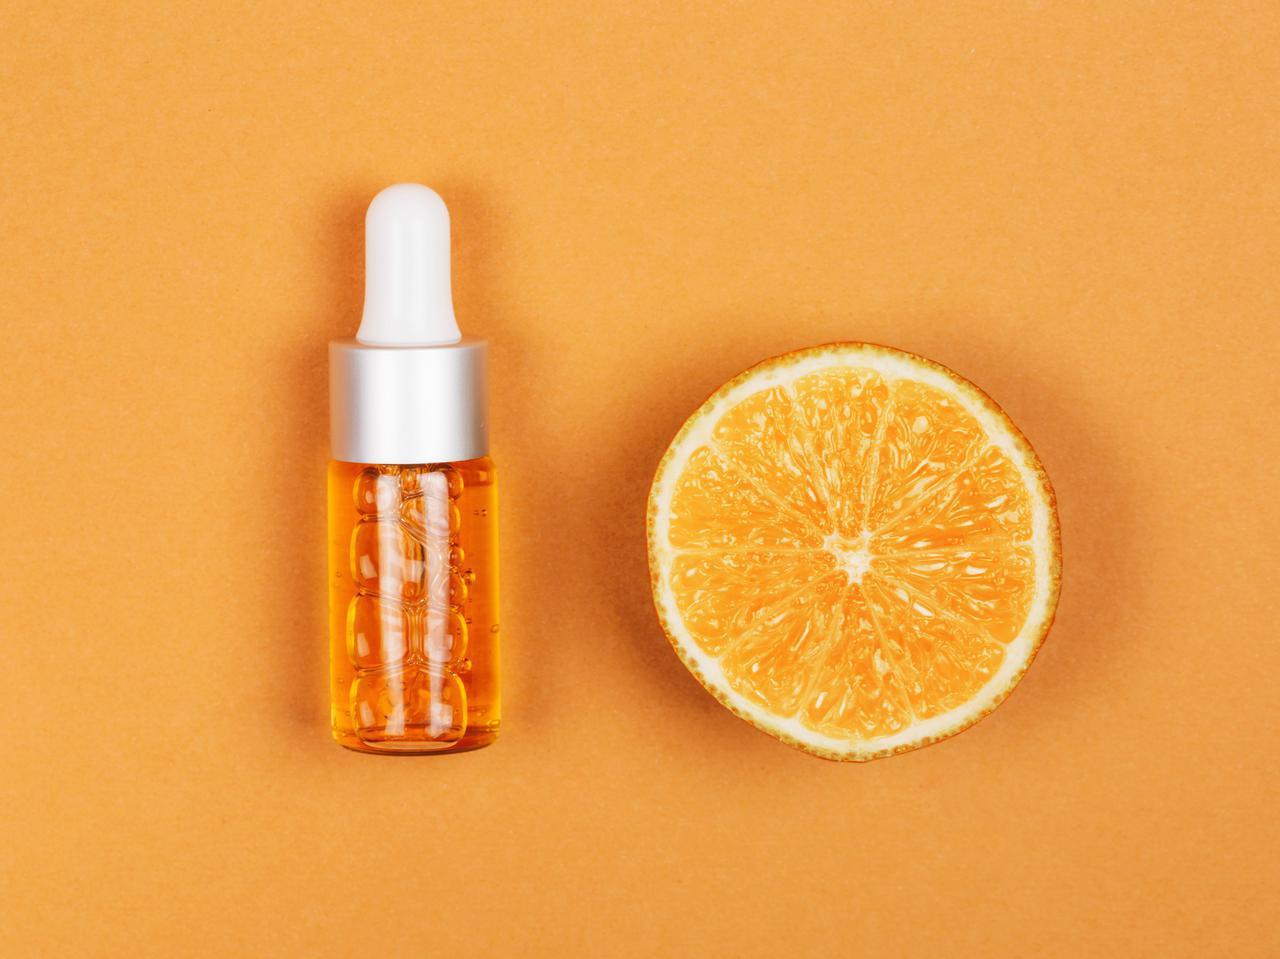 画像: コツ2.スキンケア製品は「ビタミンC」や「レチノール」と組み合わせる